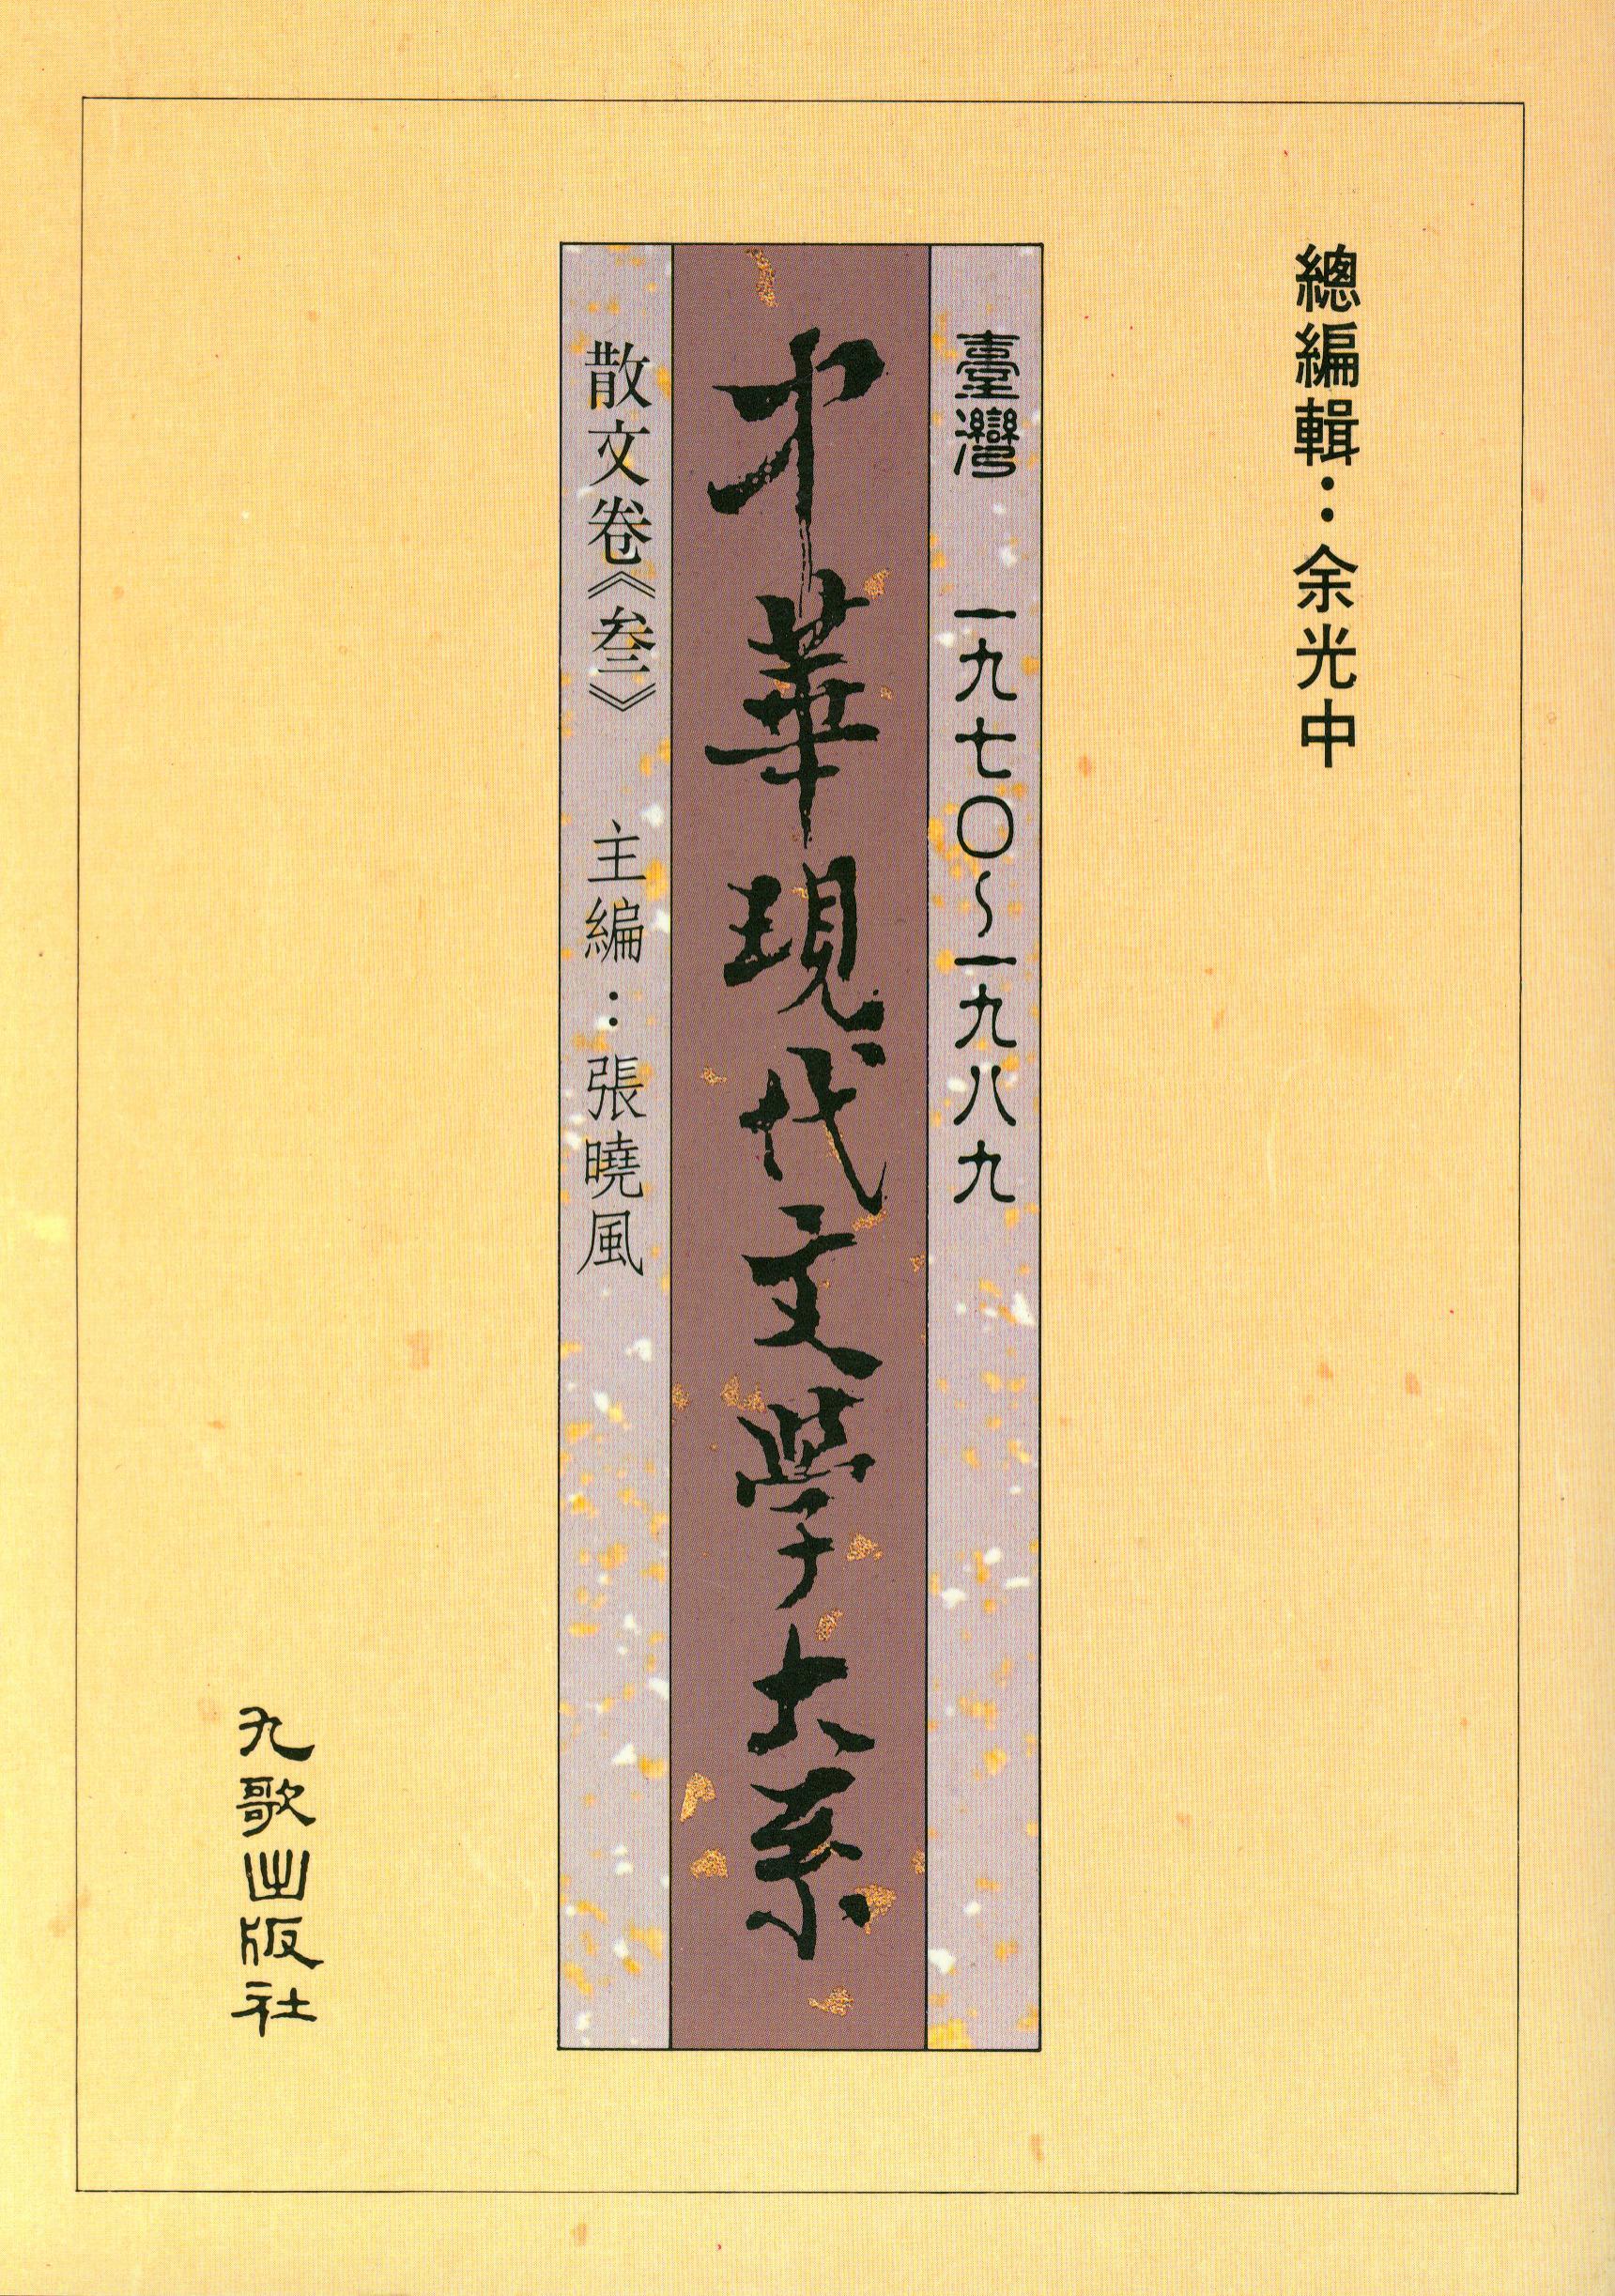 K0005中華現代文學大系(一)散文卷3